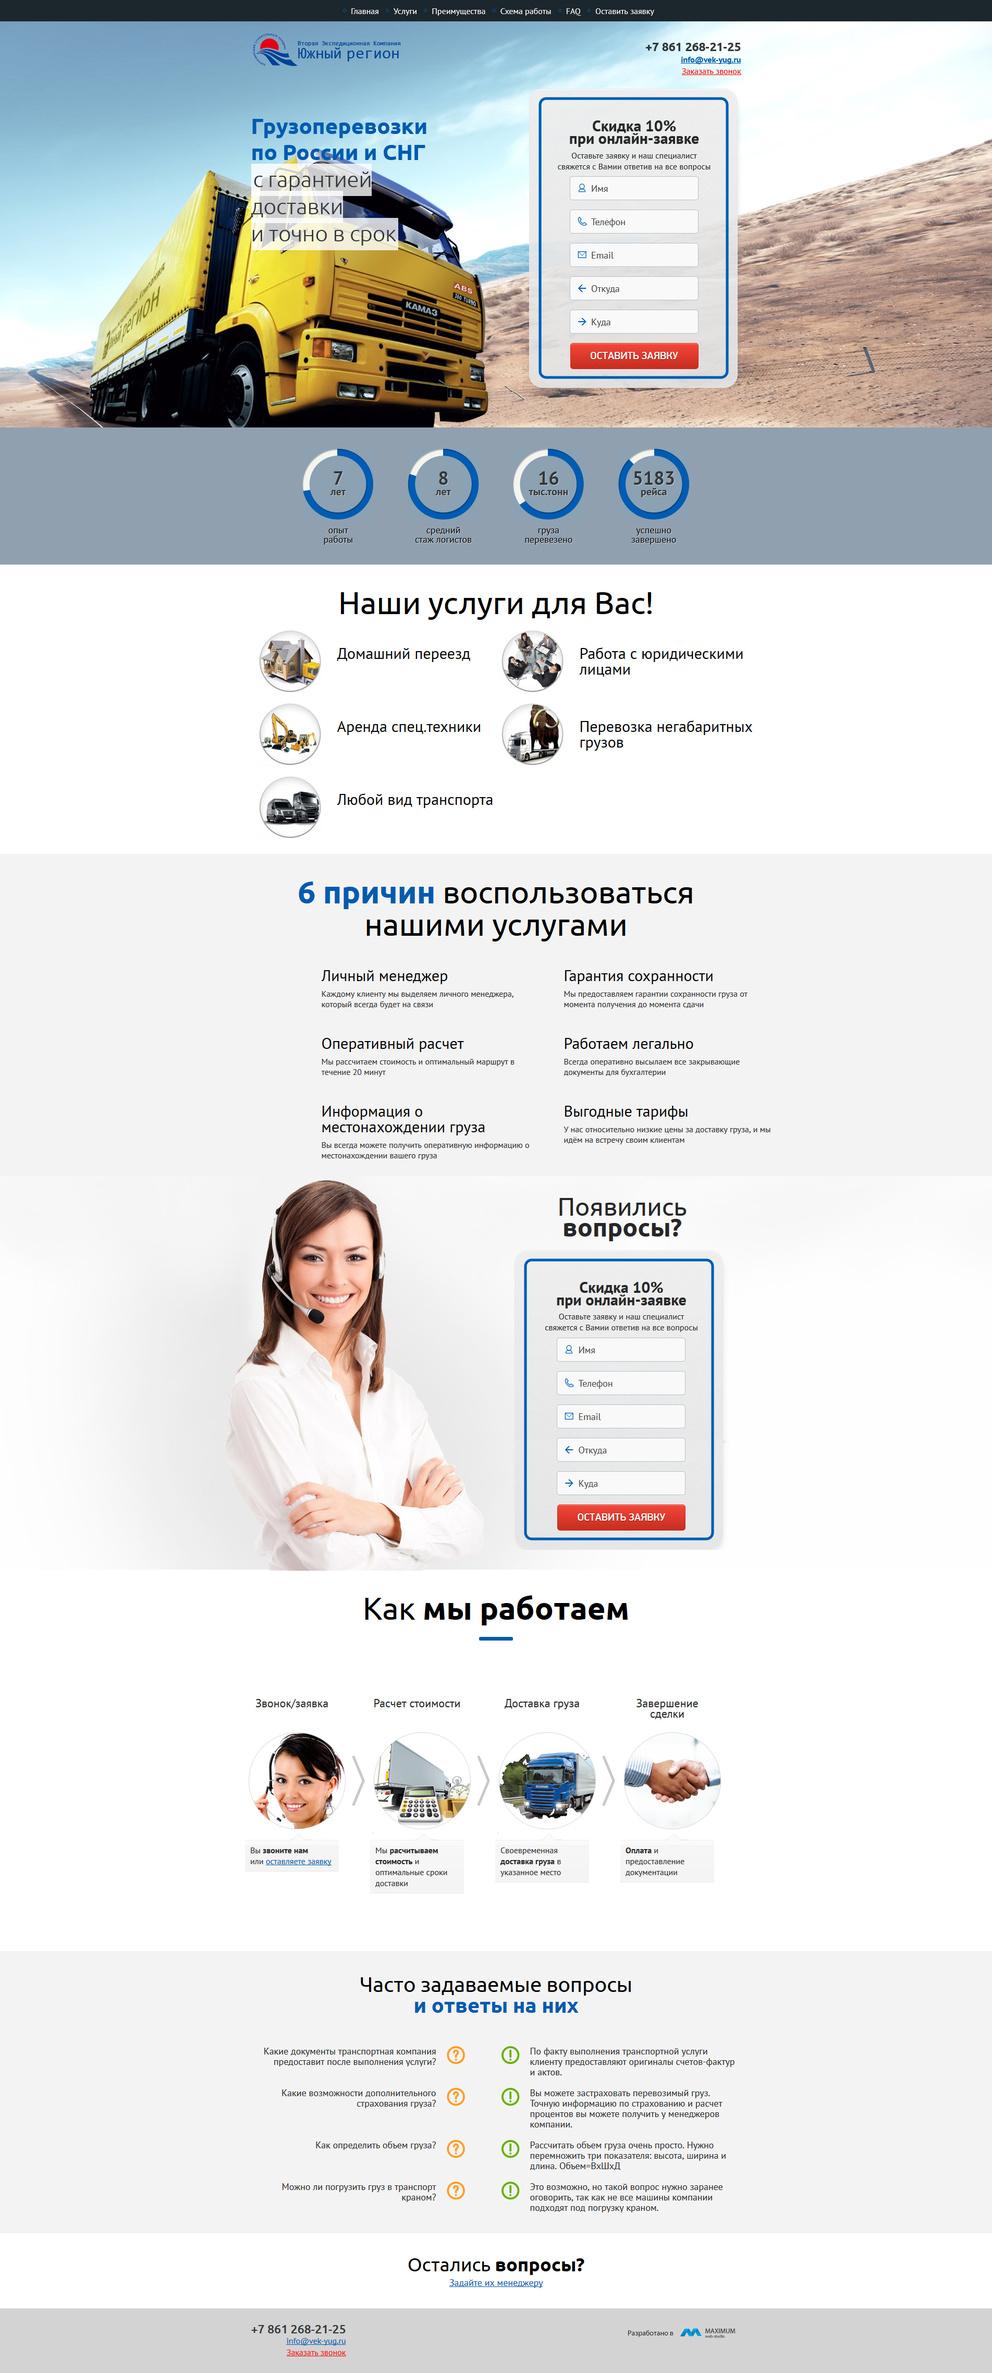 Транспортная компания / Проект компании Веб-студия Максимум